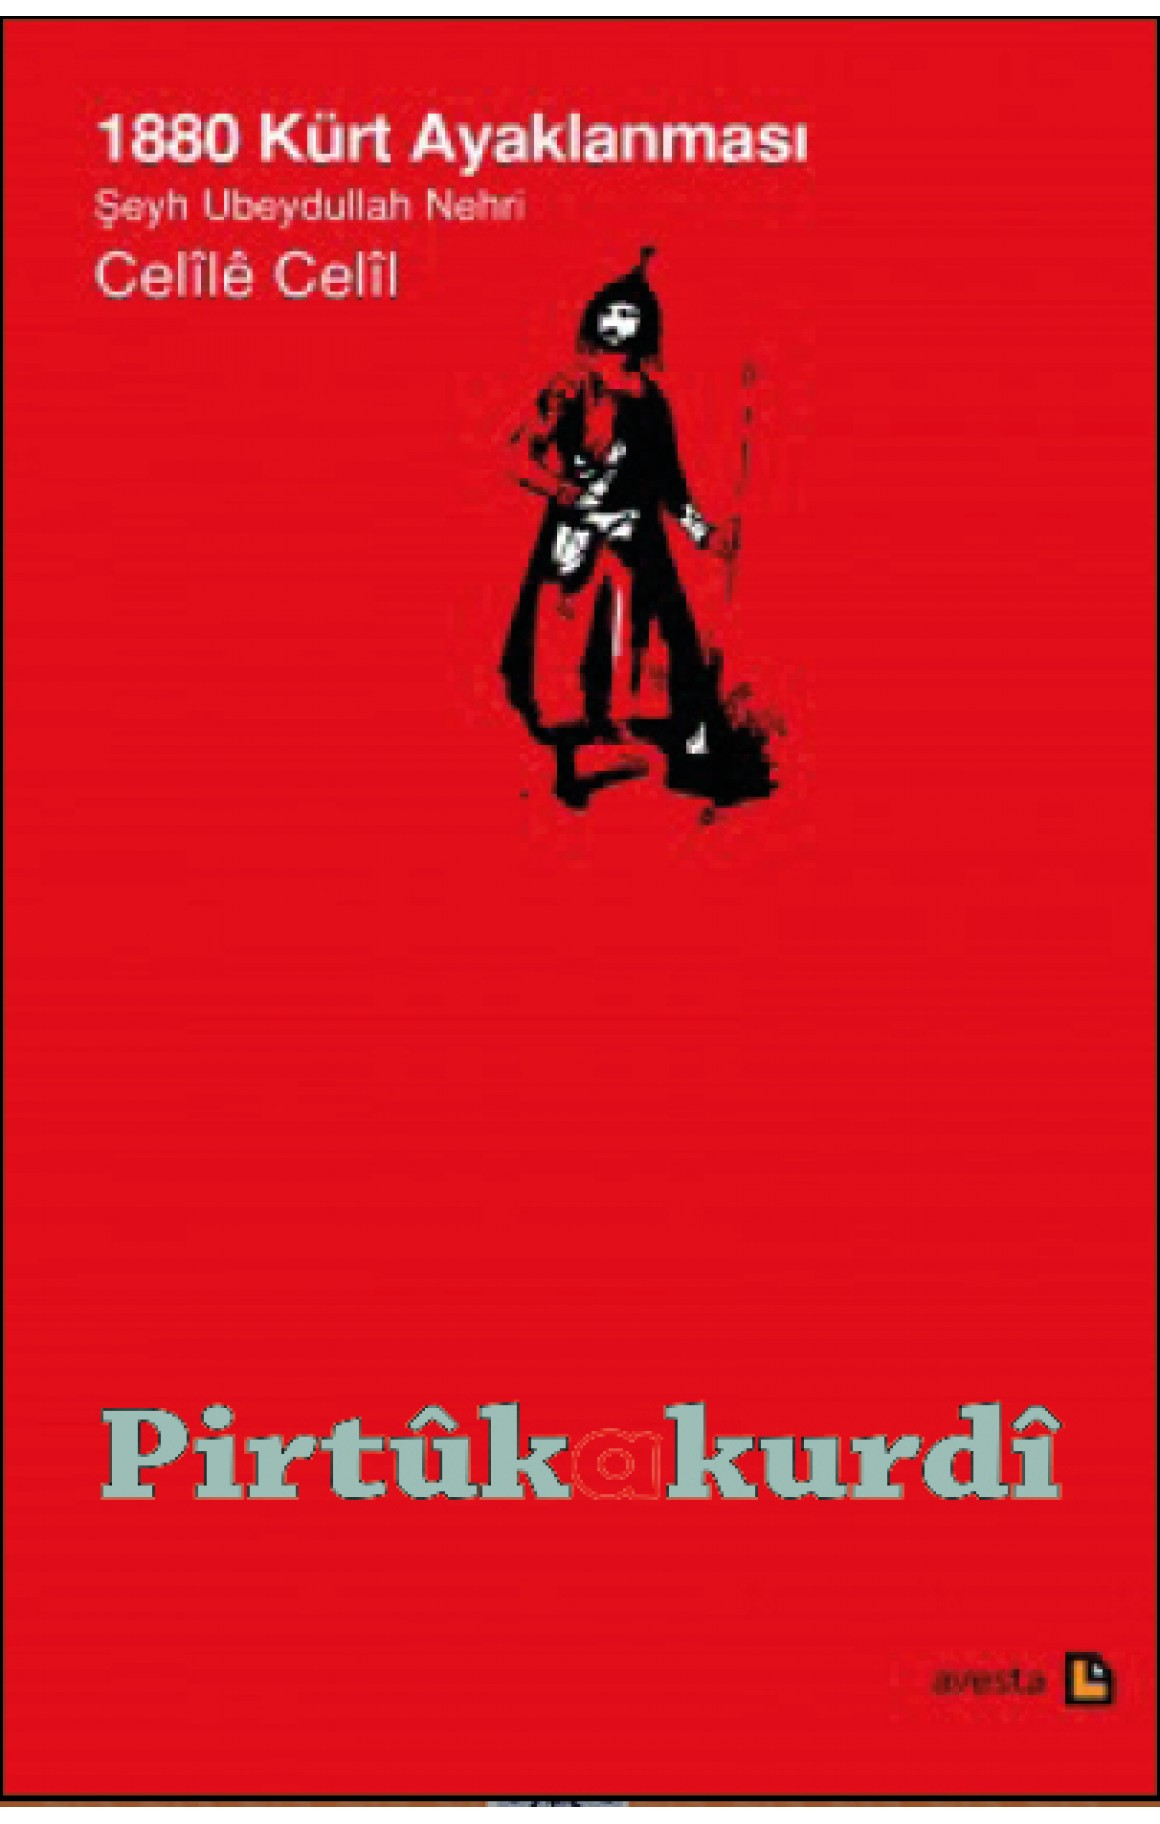 1880 Kürt Ayaklanması Şeyh Ubeydullah Nehri